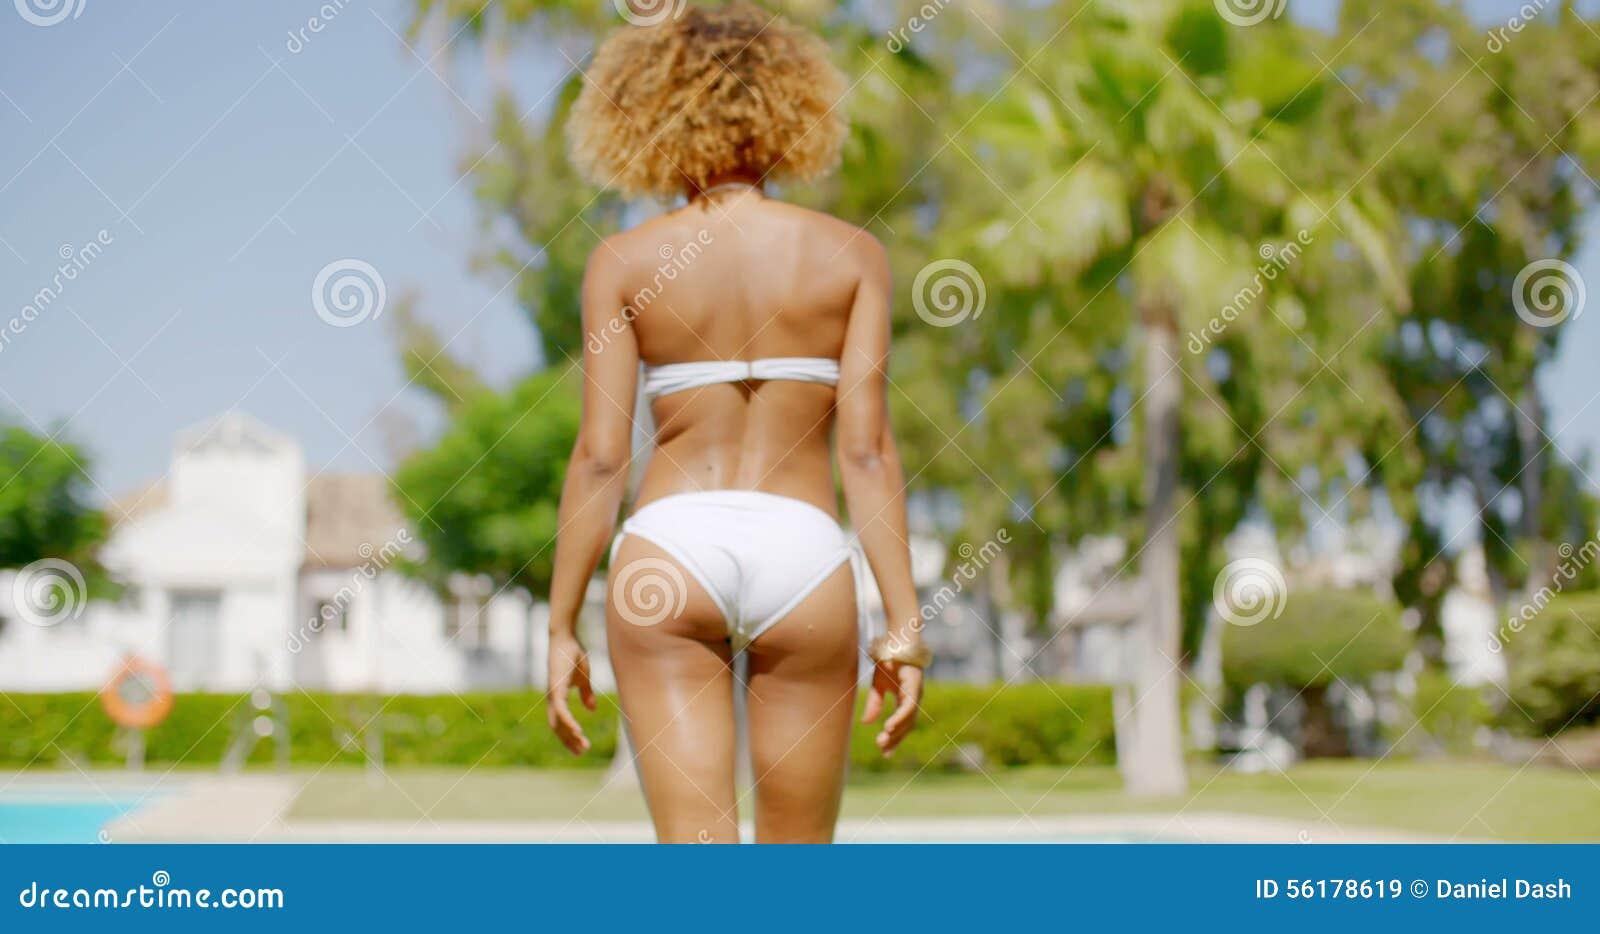 teen-bikini-girl-walks-around-pool-video-girls-jeans